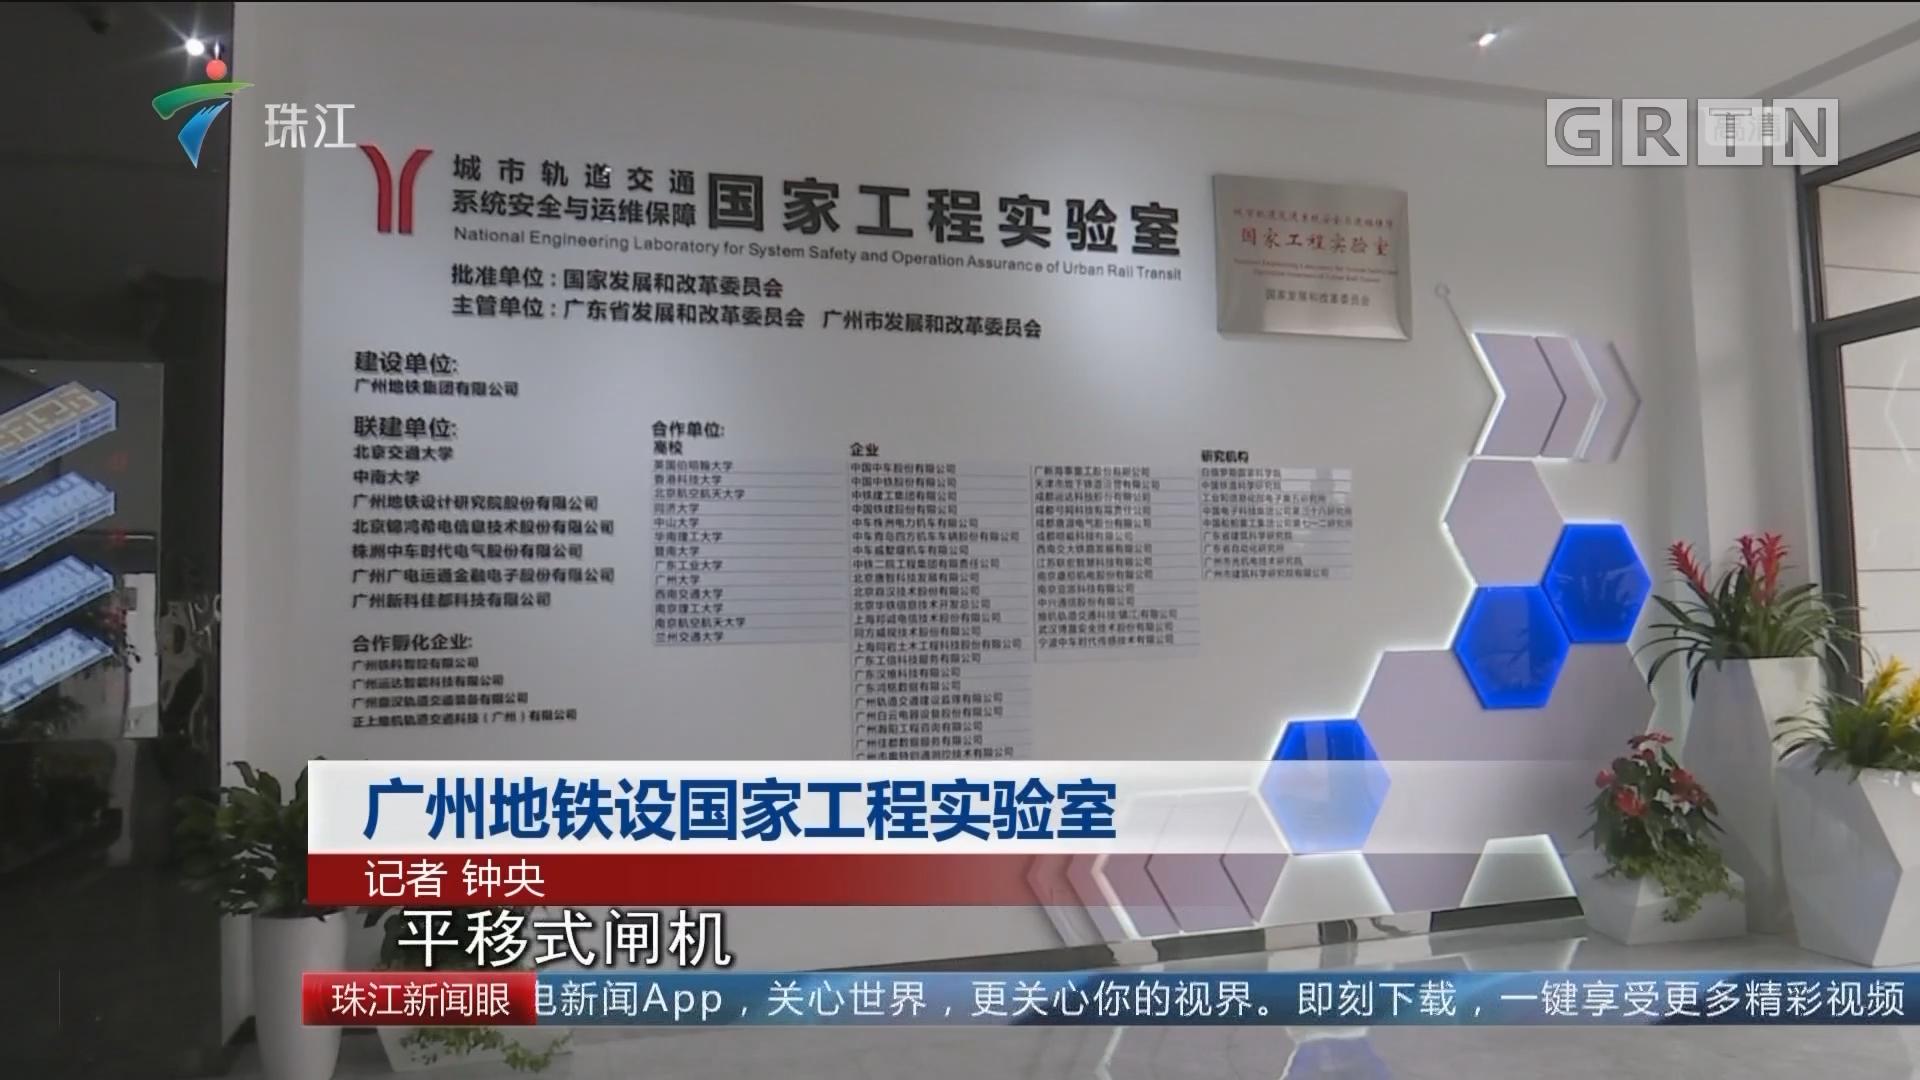 广州地铁设国家工程实验室